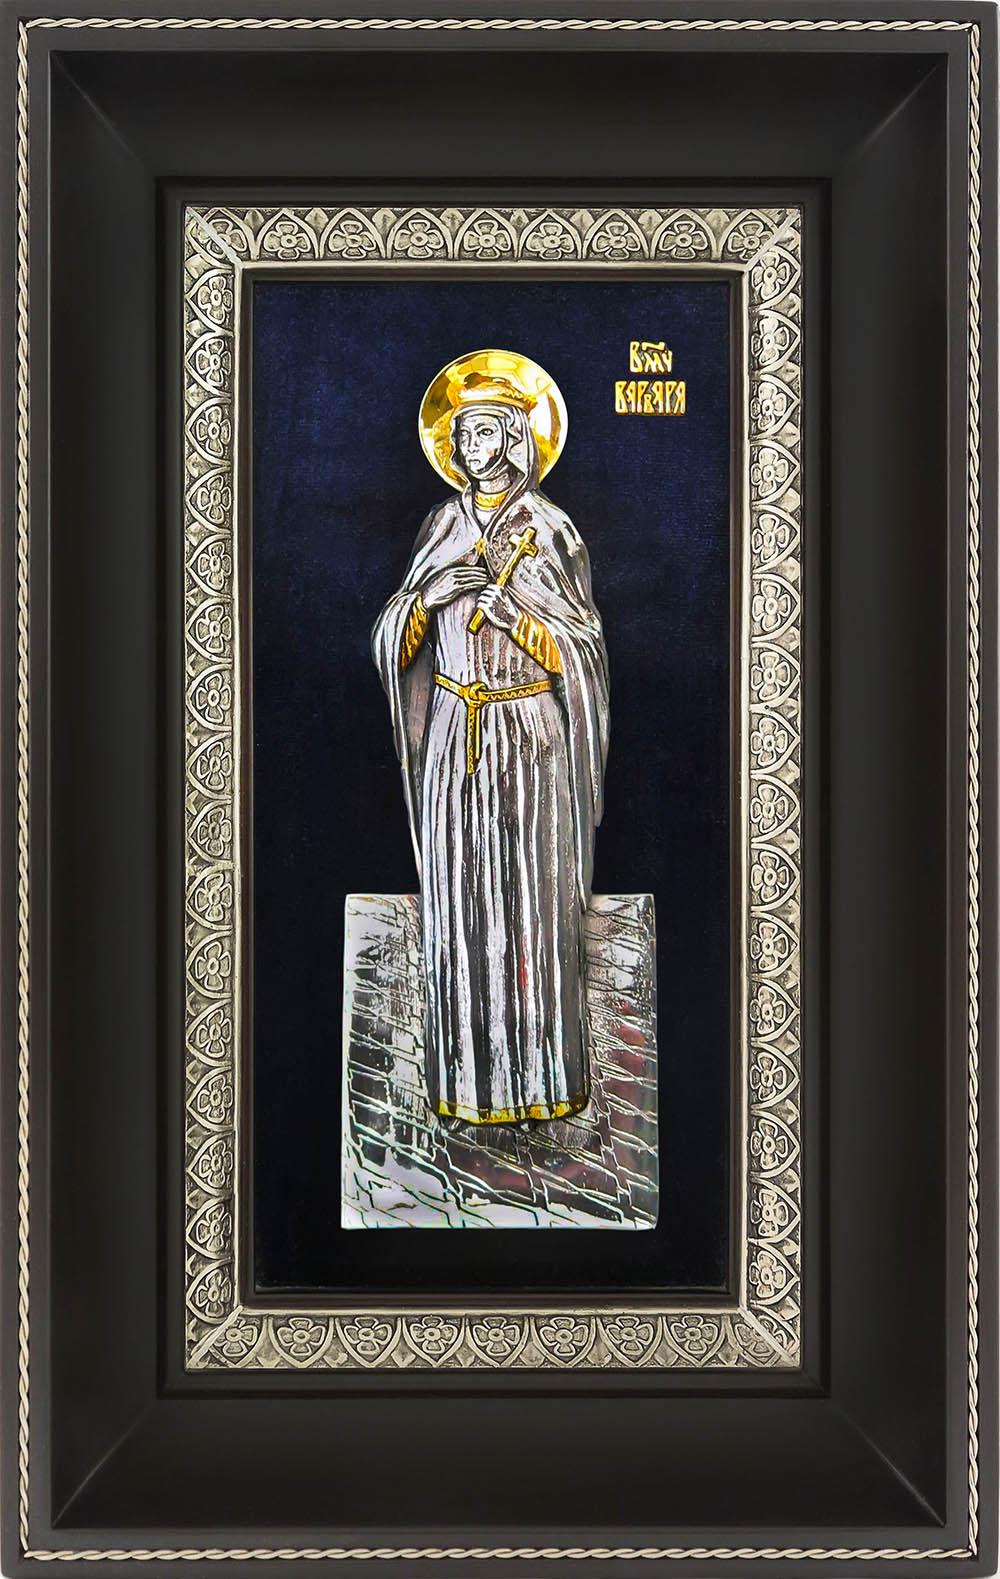 фото икона святой великомученицы Варвары гальванопластика золото серебро деревянная рамка бархат